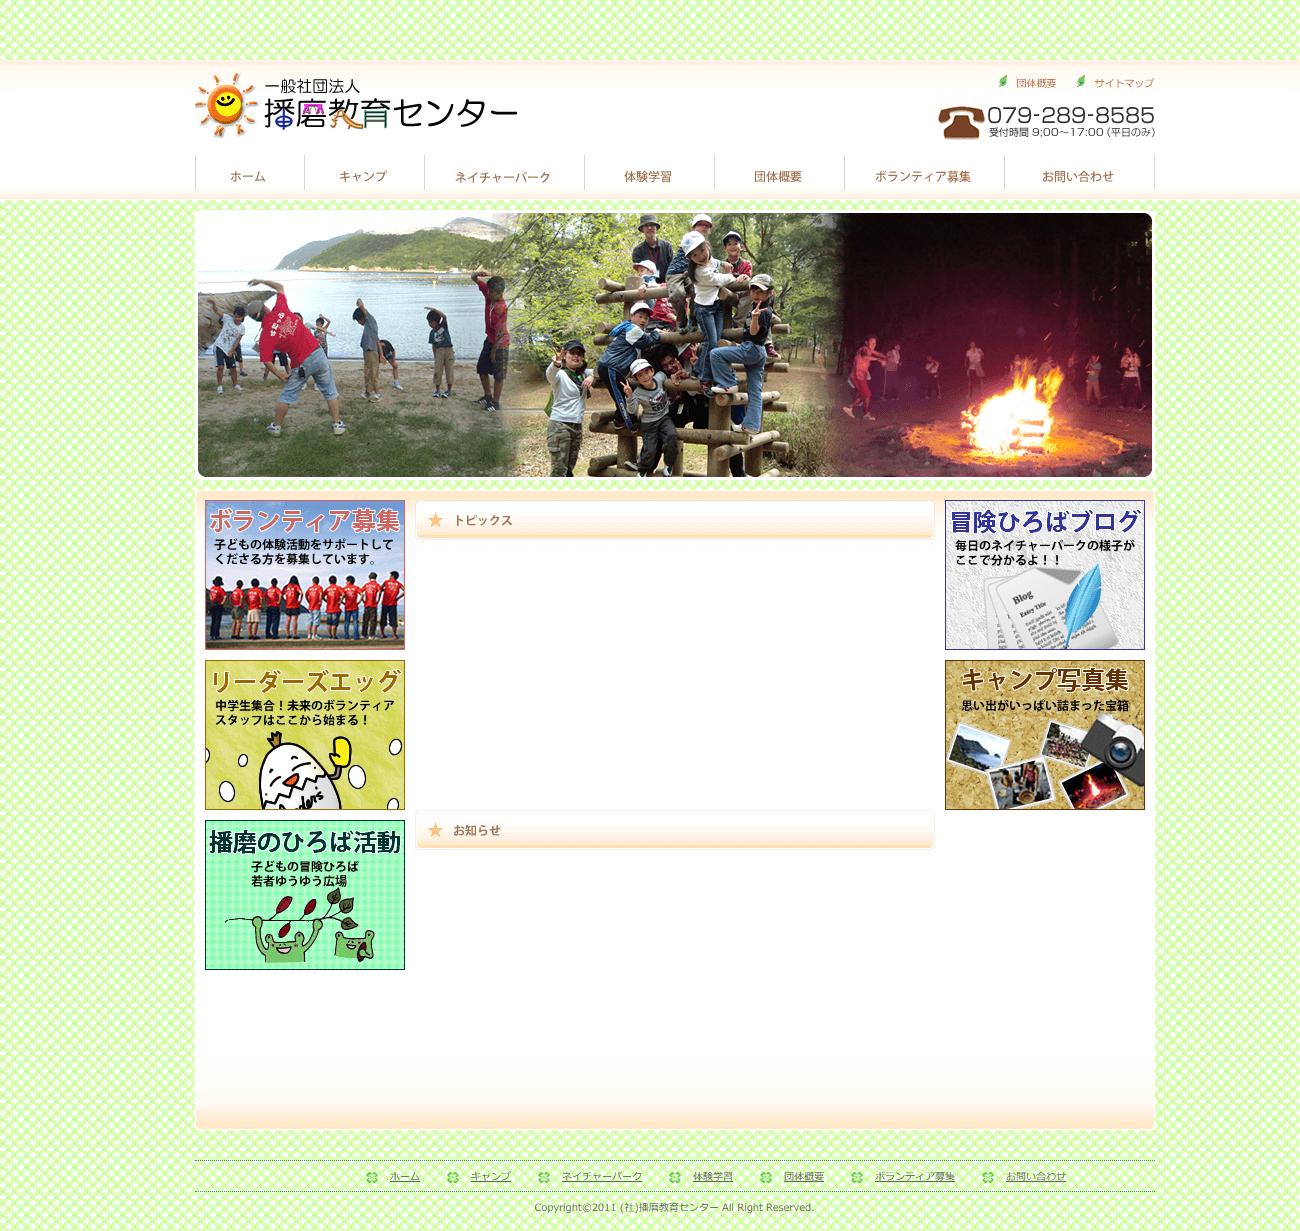 旧サイト:姫路市 一般社団法人播磨教育センター様 ホームページ制作